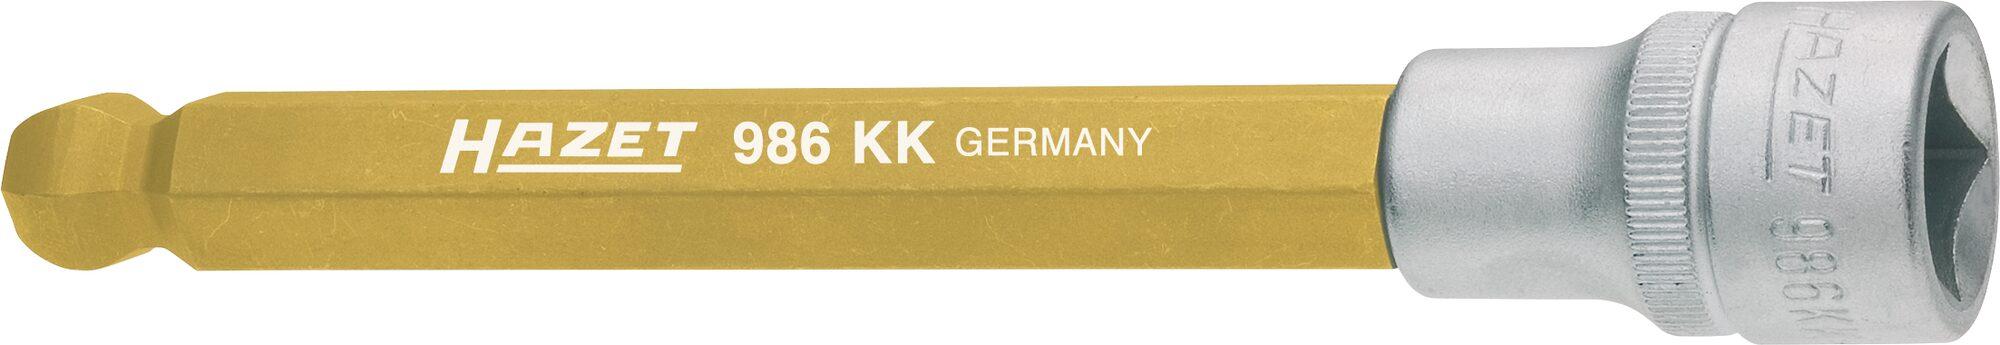 HAZET Schraubendreher-Steckschlüsseleinsatz 986KK-8 ∙ Vierkant hohl 12,5 mm (1/2 Zoll) ∙ Innen-Sechskant Profil ∙ 8 mm